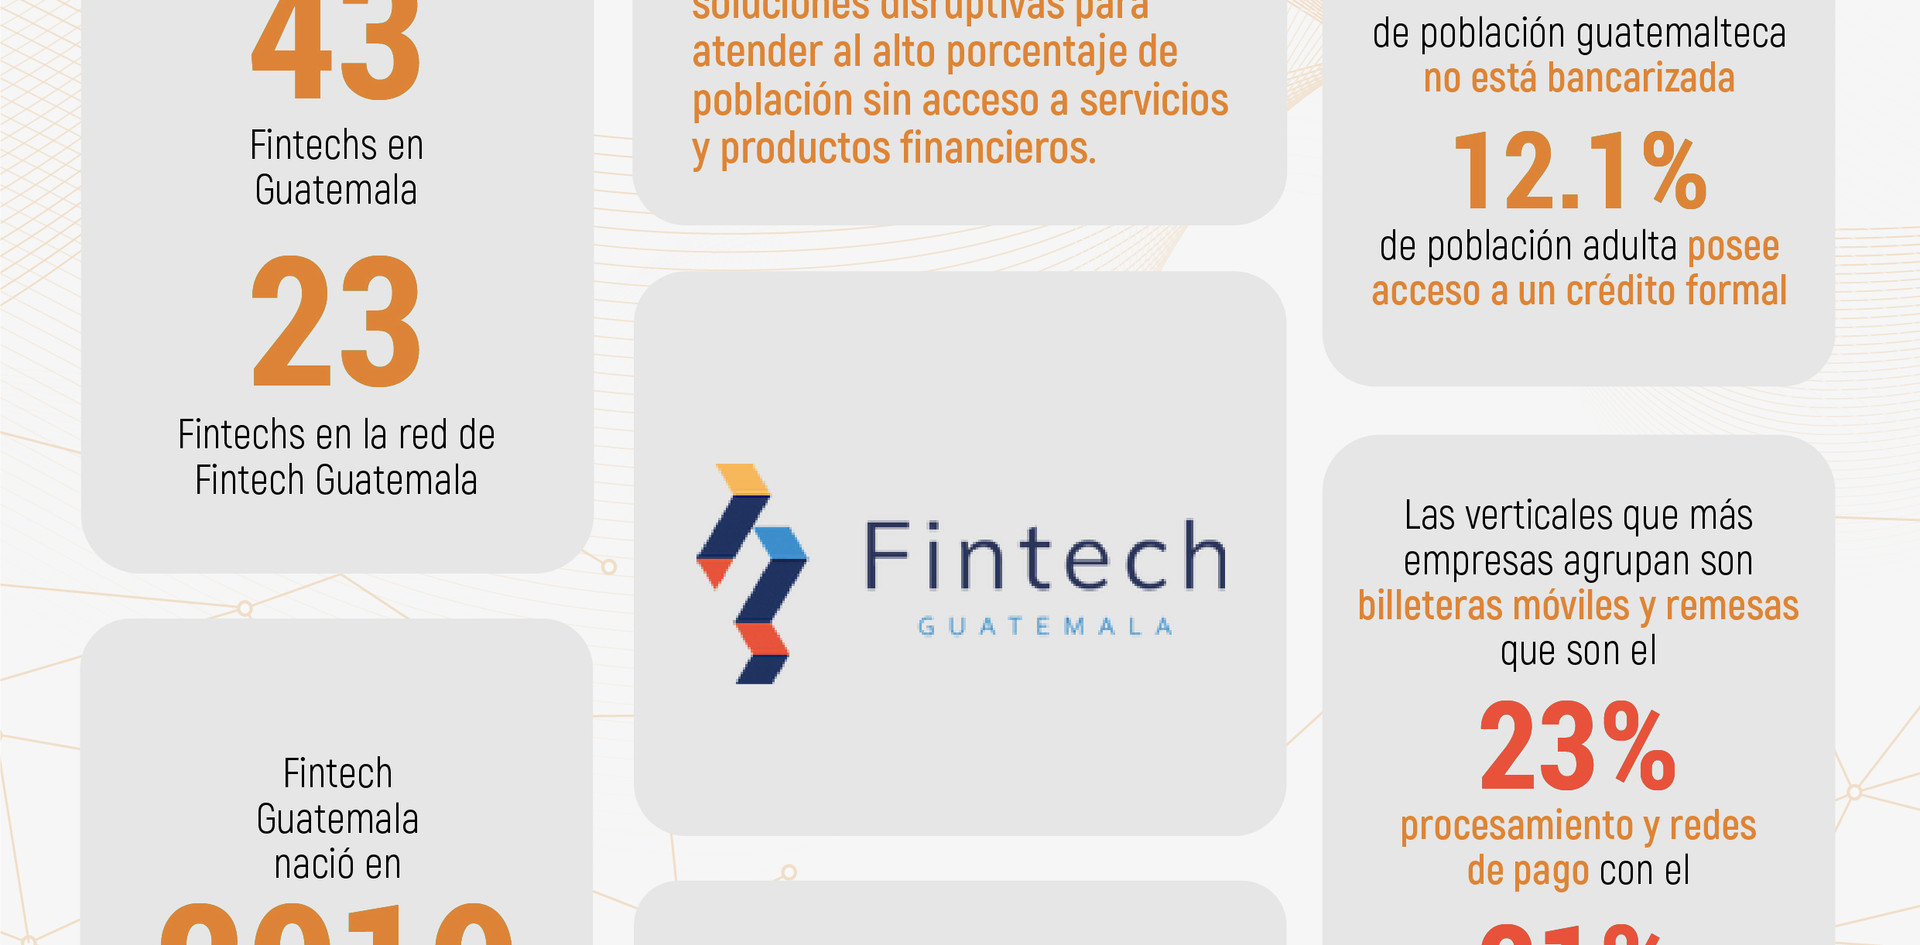 Asociación Fintech de Guatemala